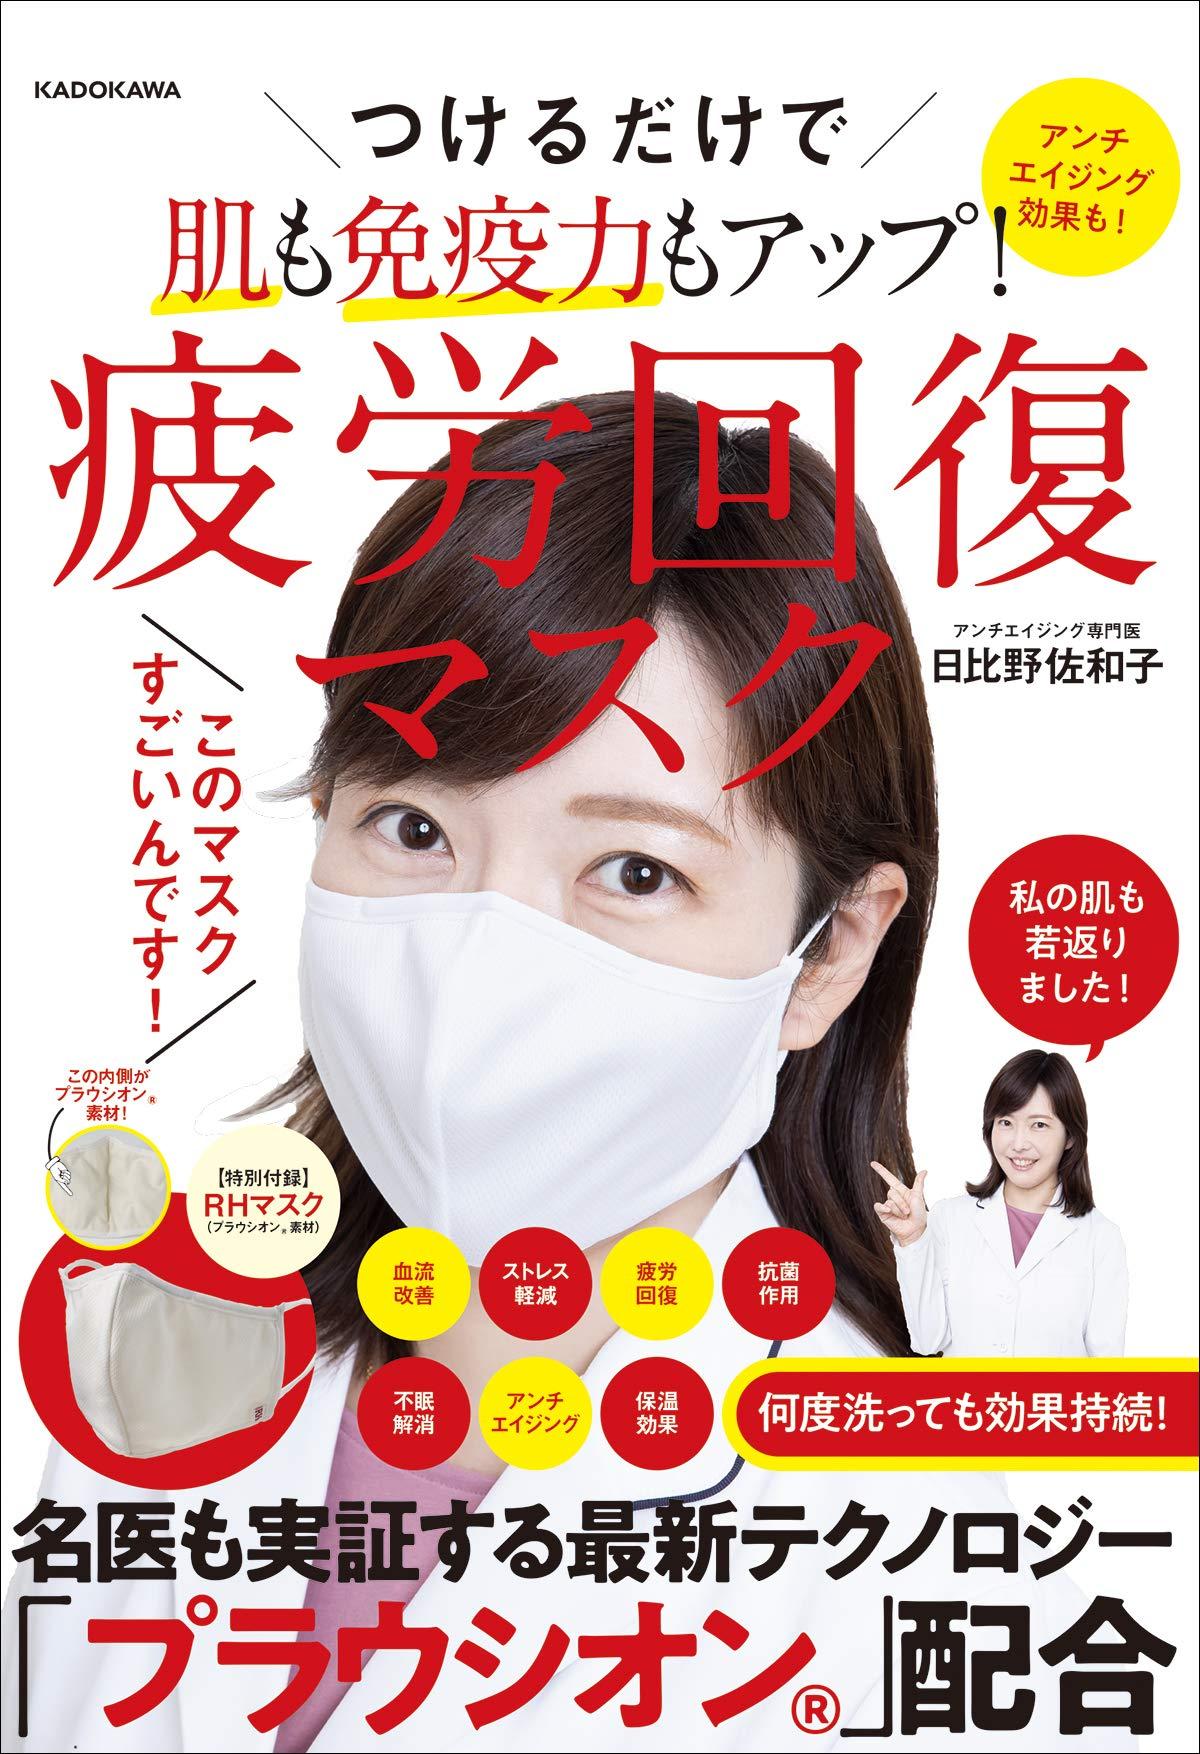 アマゾンで「つけるだけで肌も免疫力もアップ! 疲労回復マスク 」が予約受付中。このタイトルは大丈夫か。10/29~。